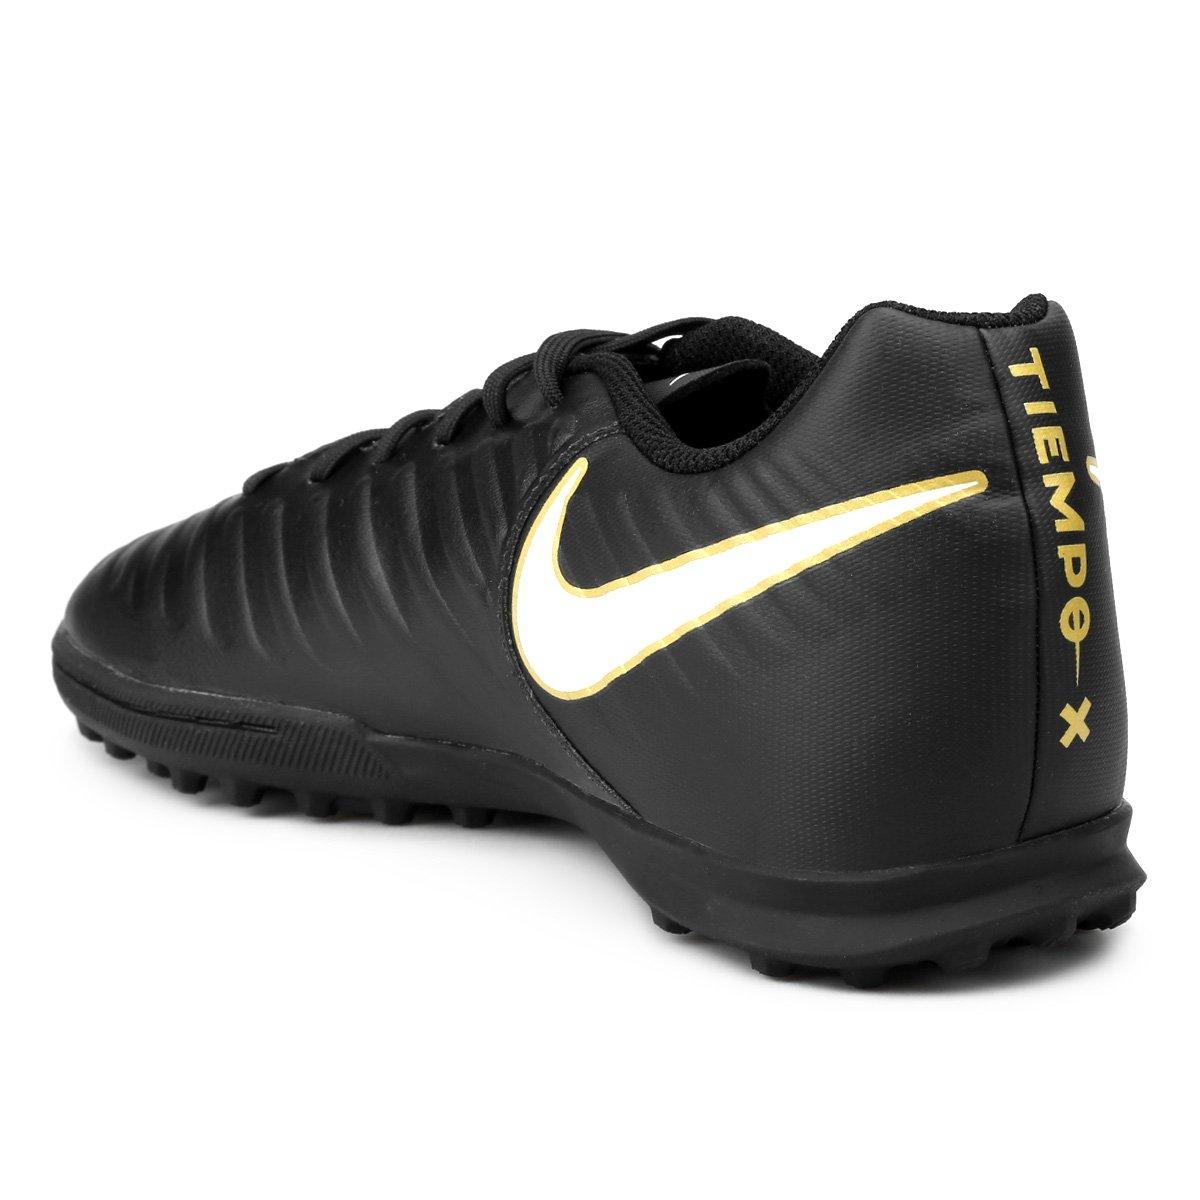 6850d7add8 Chuteira Society Nike Tiempo Rio 4 Tf Preto E Branco Compre